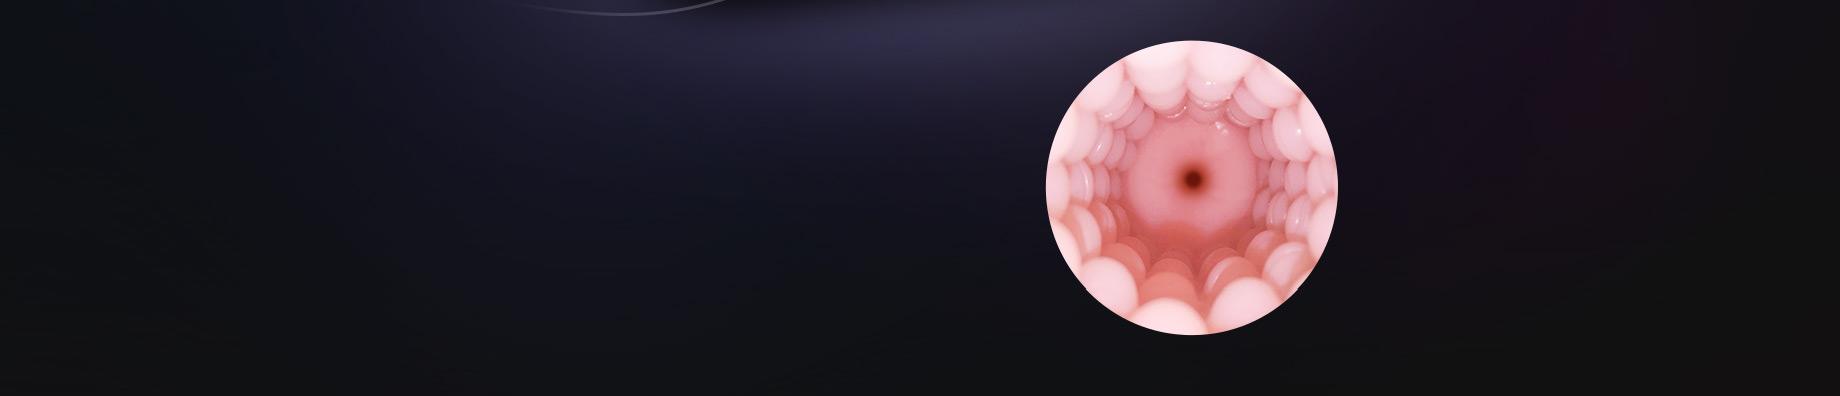 La texture de la vaginette de Max vous stimulera pendant les va-et-vient.